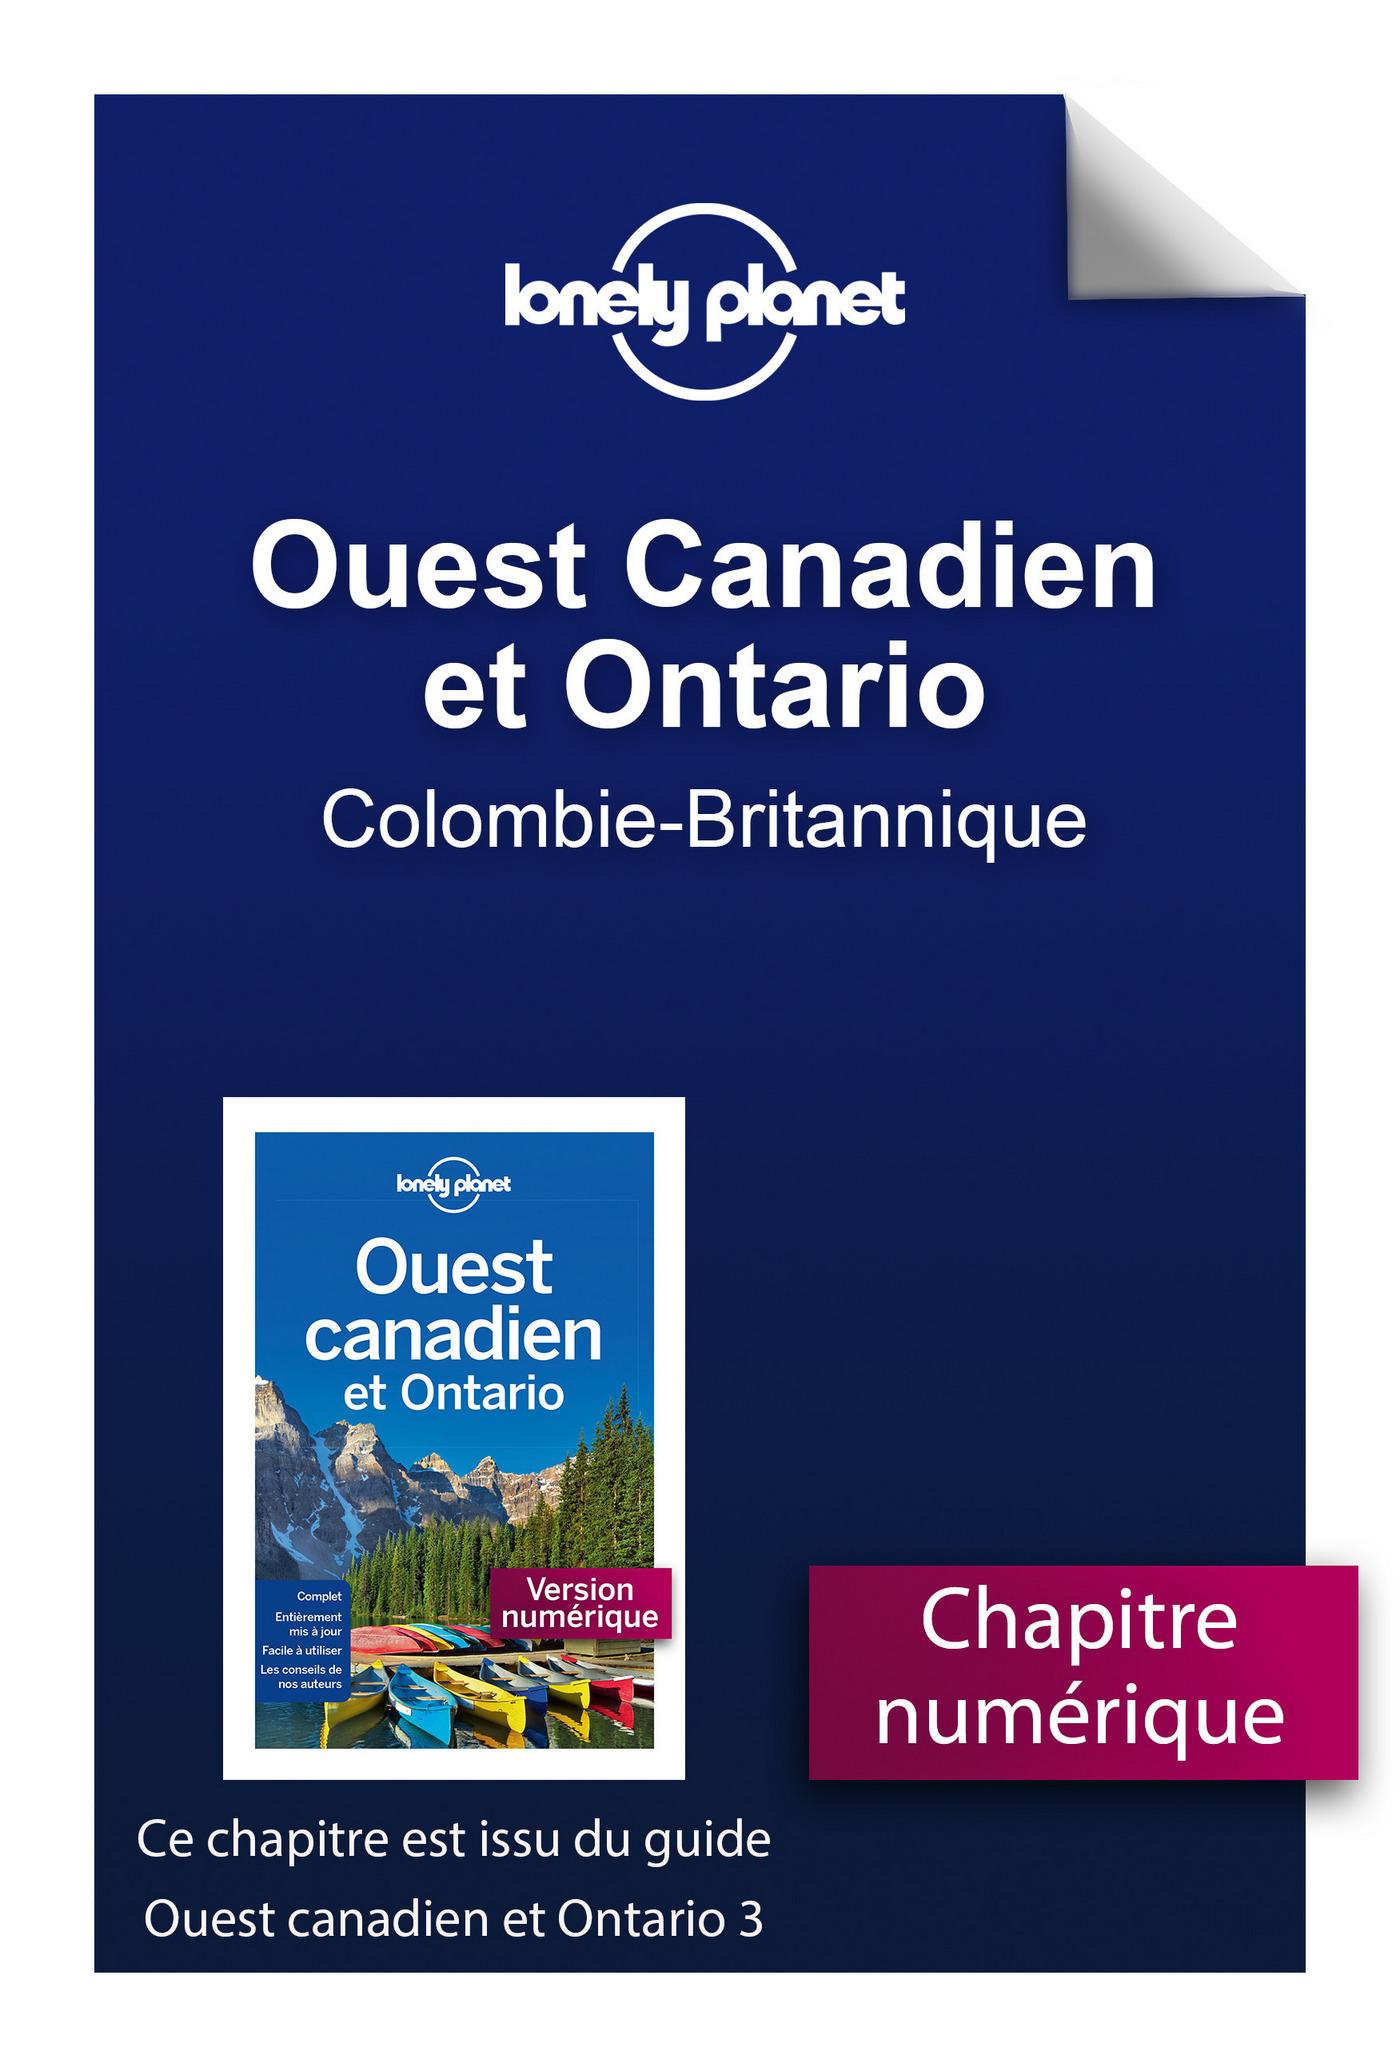 Ouest Canadien et Ontario 3 - Colombie-Britannique